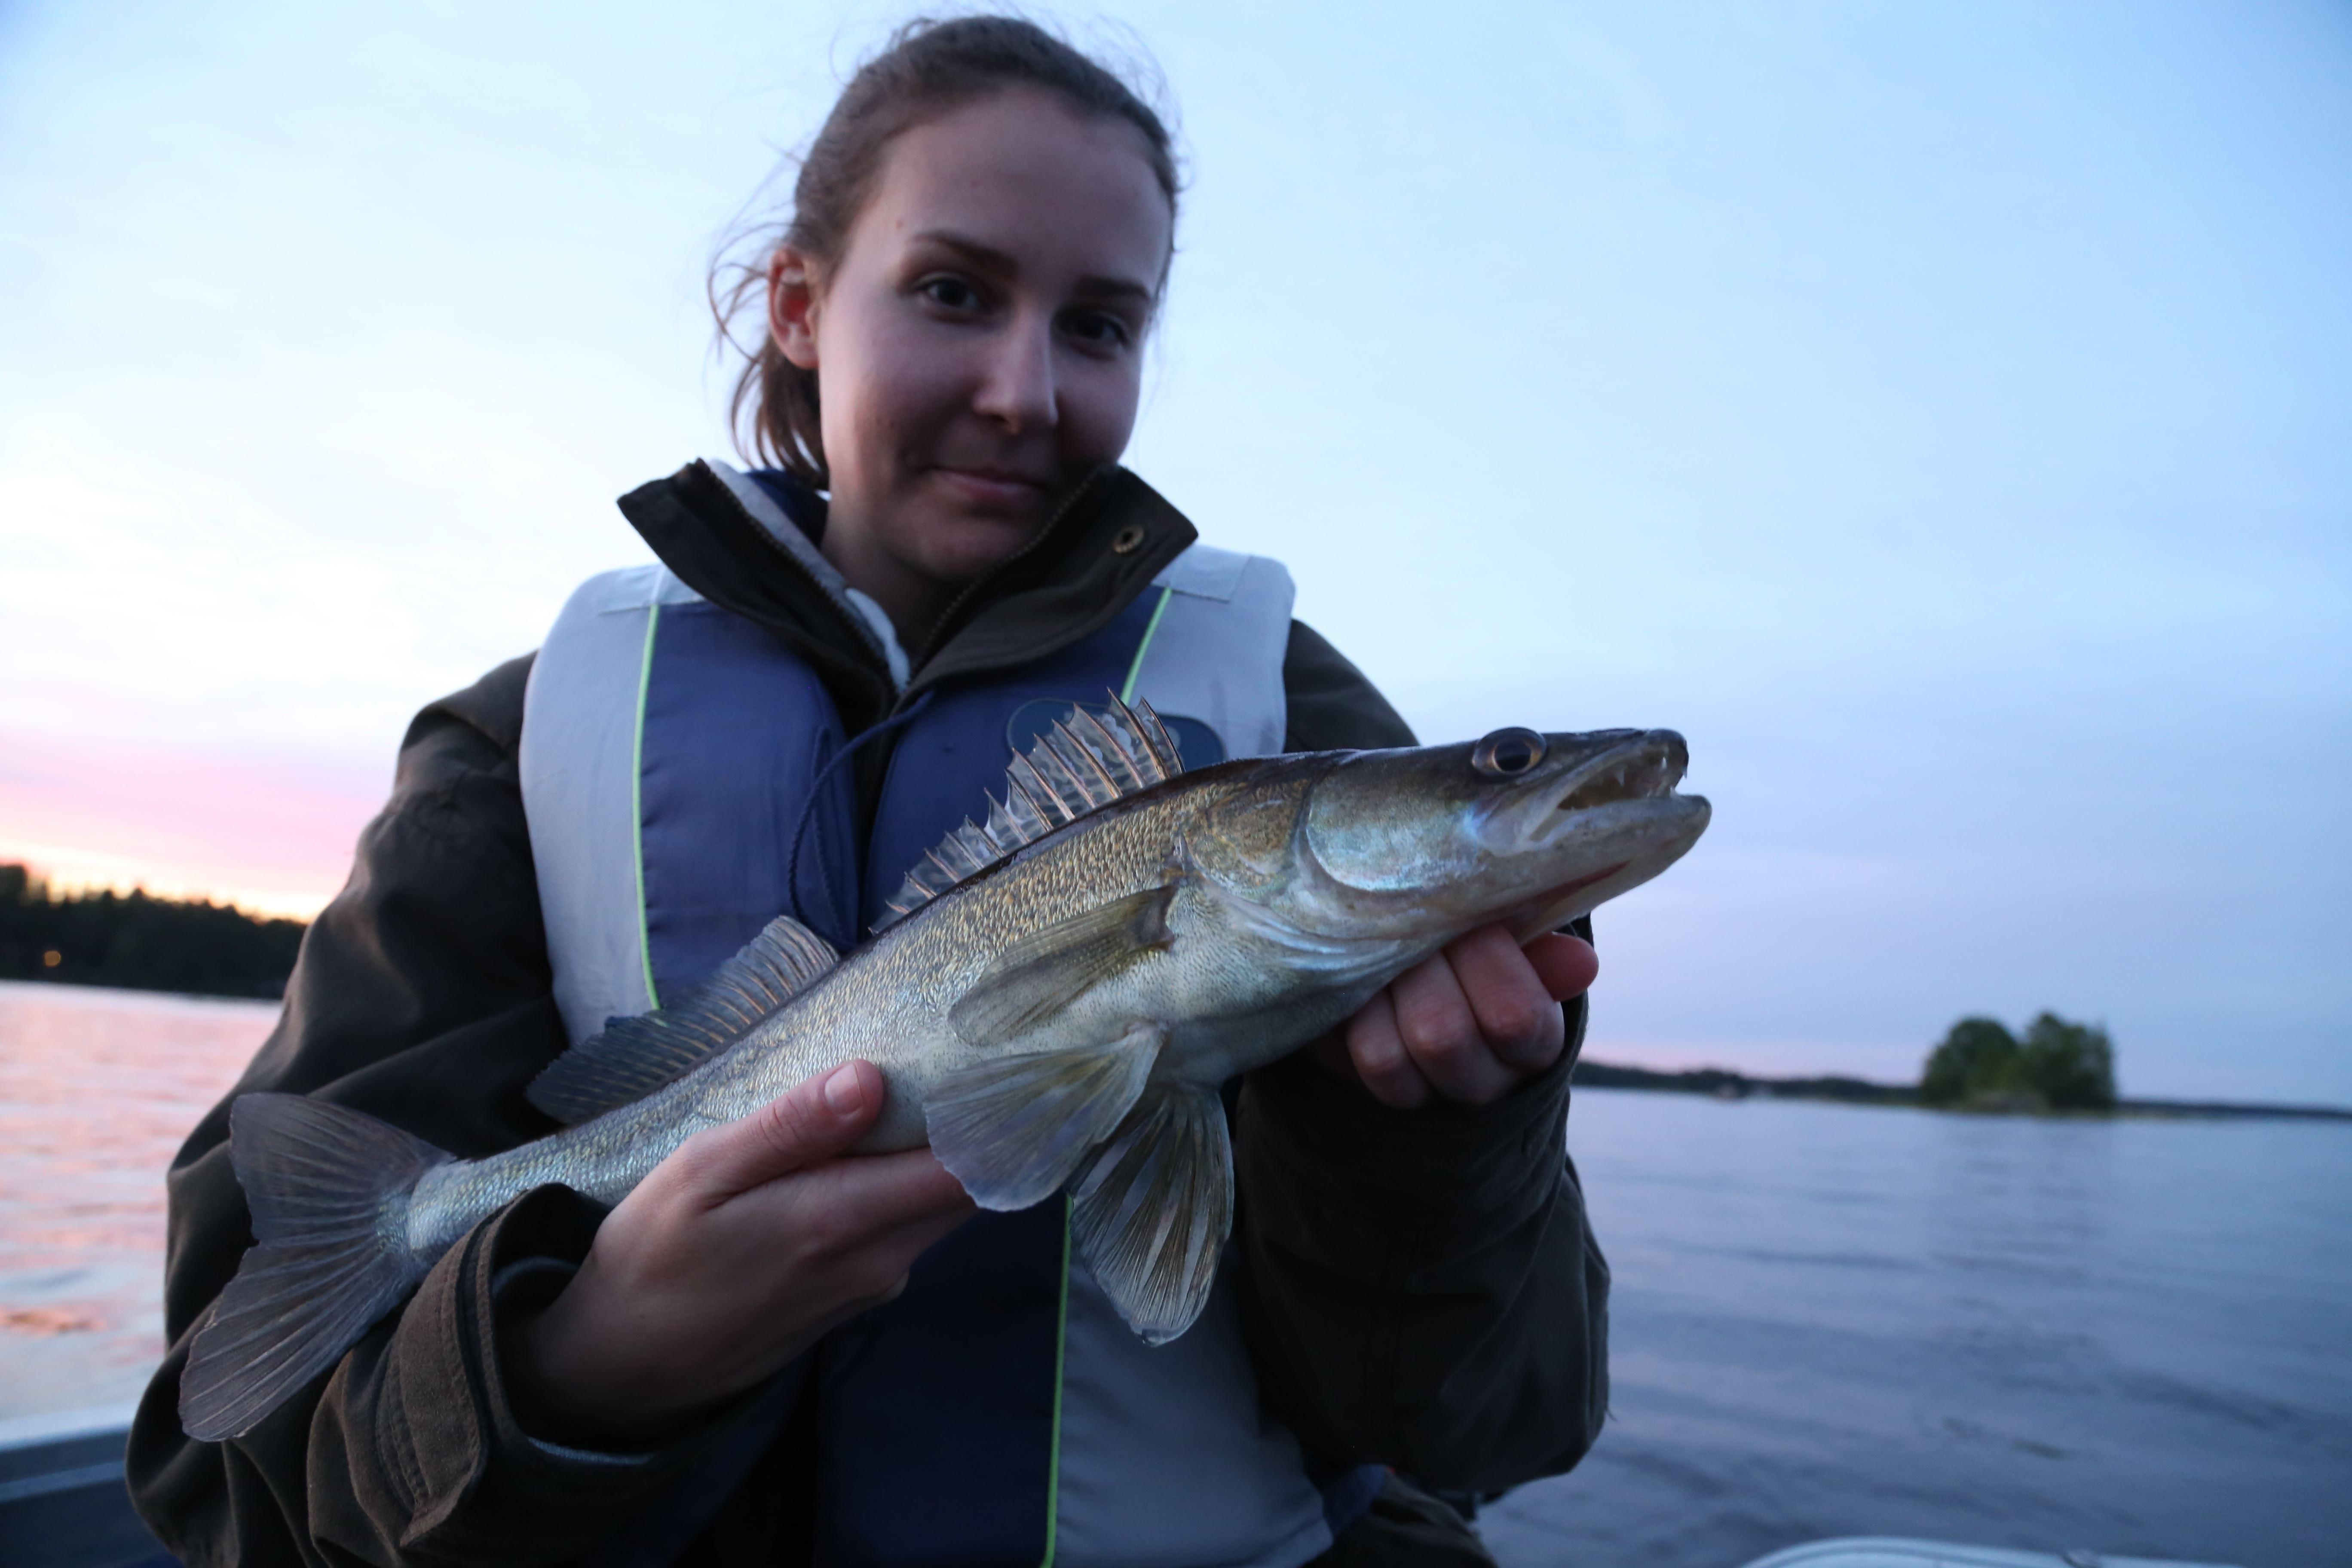 Friskens Fiske